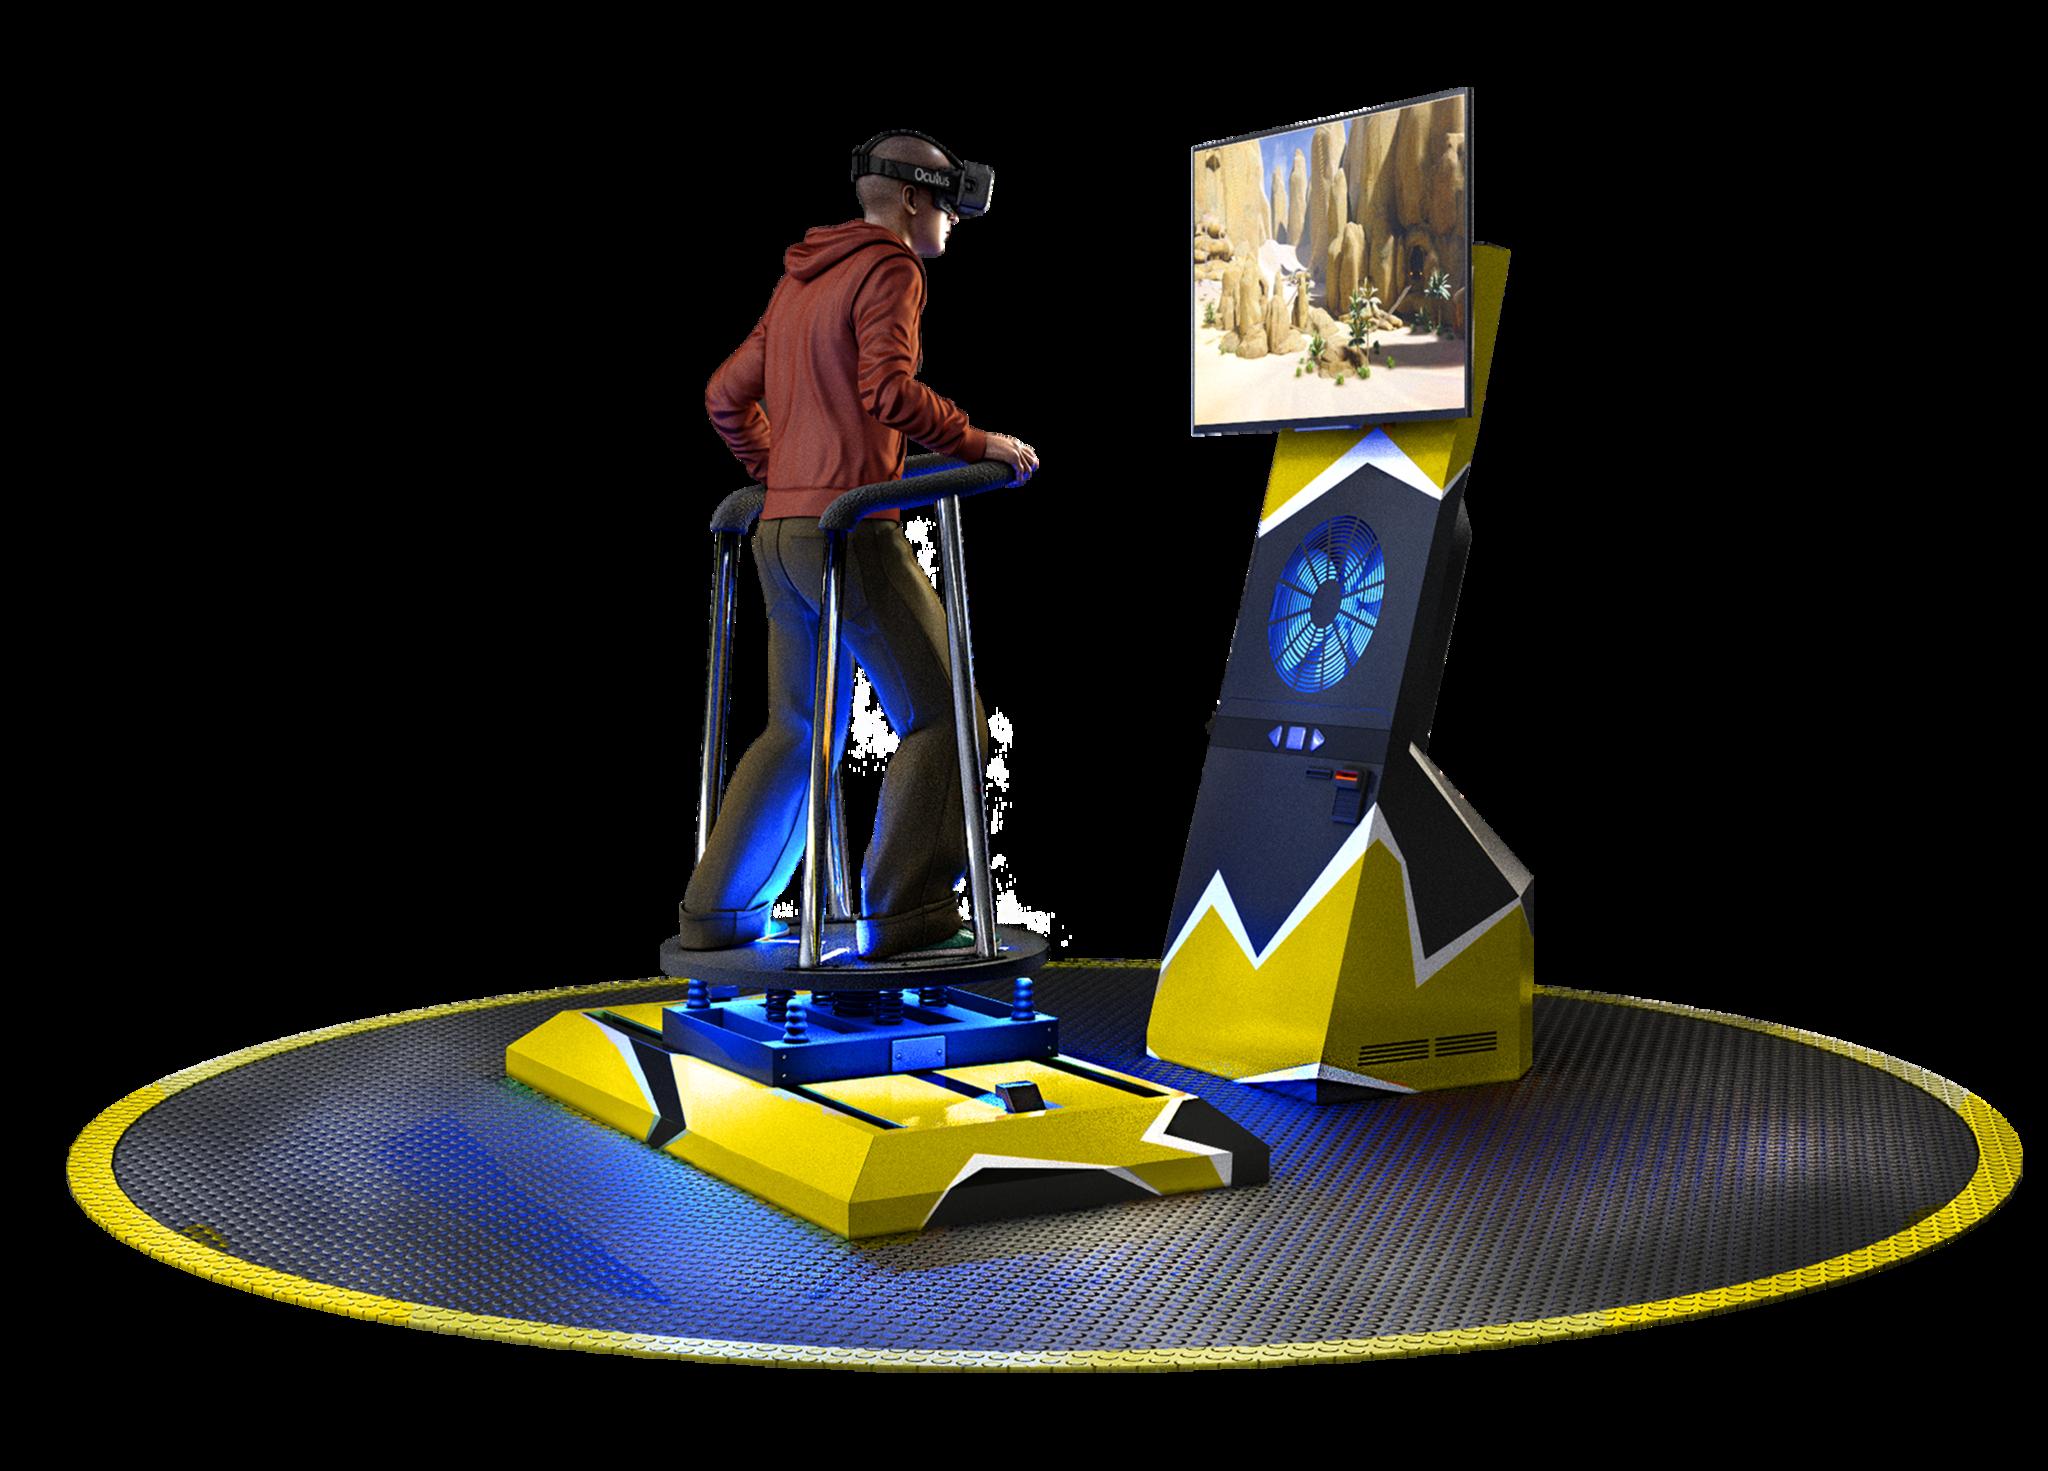 Аренда Аттракциона виртуальной реальности Экстрим